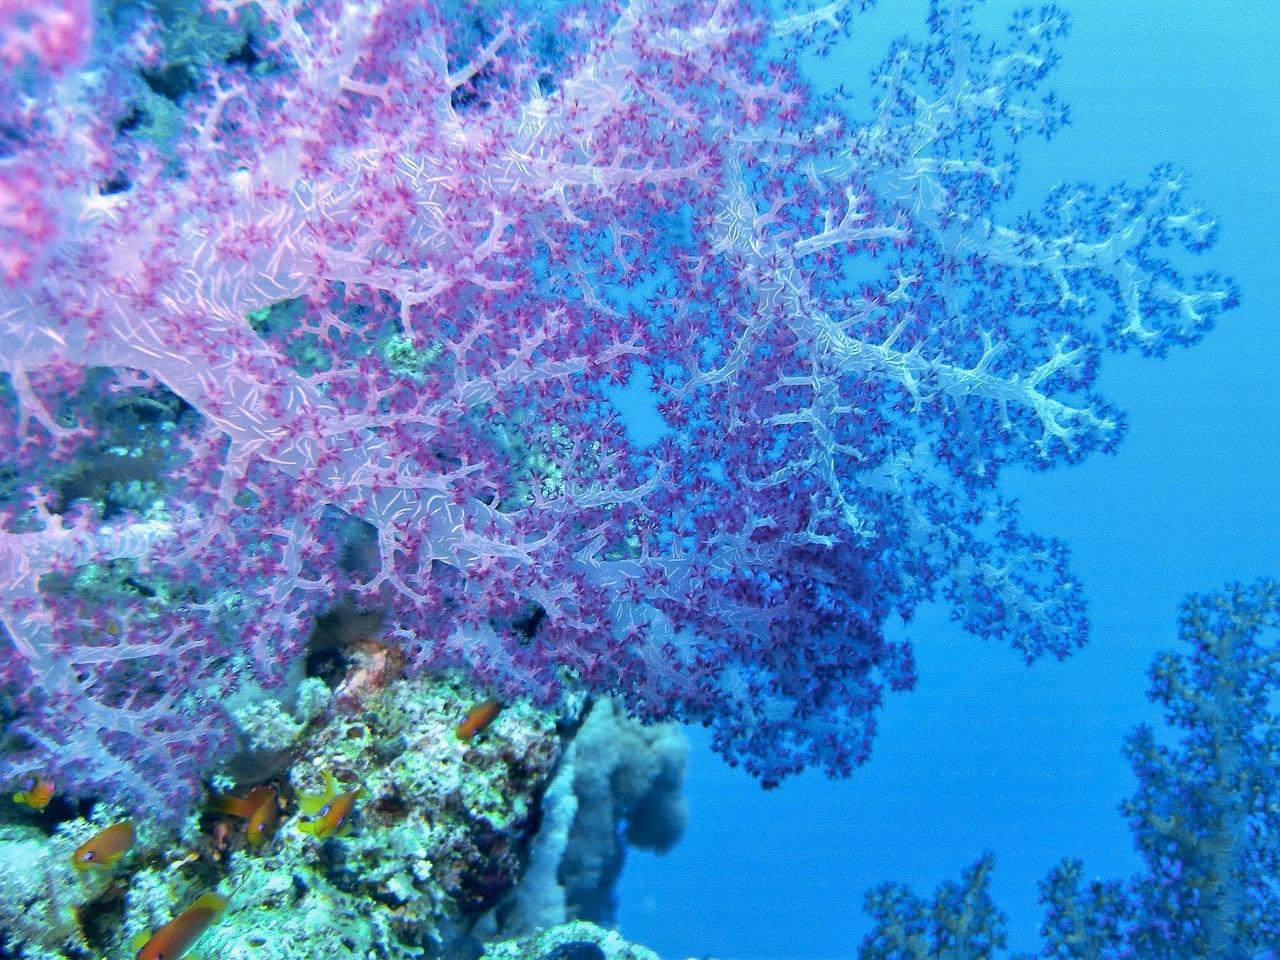 underwater-1268659_1280